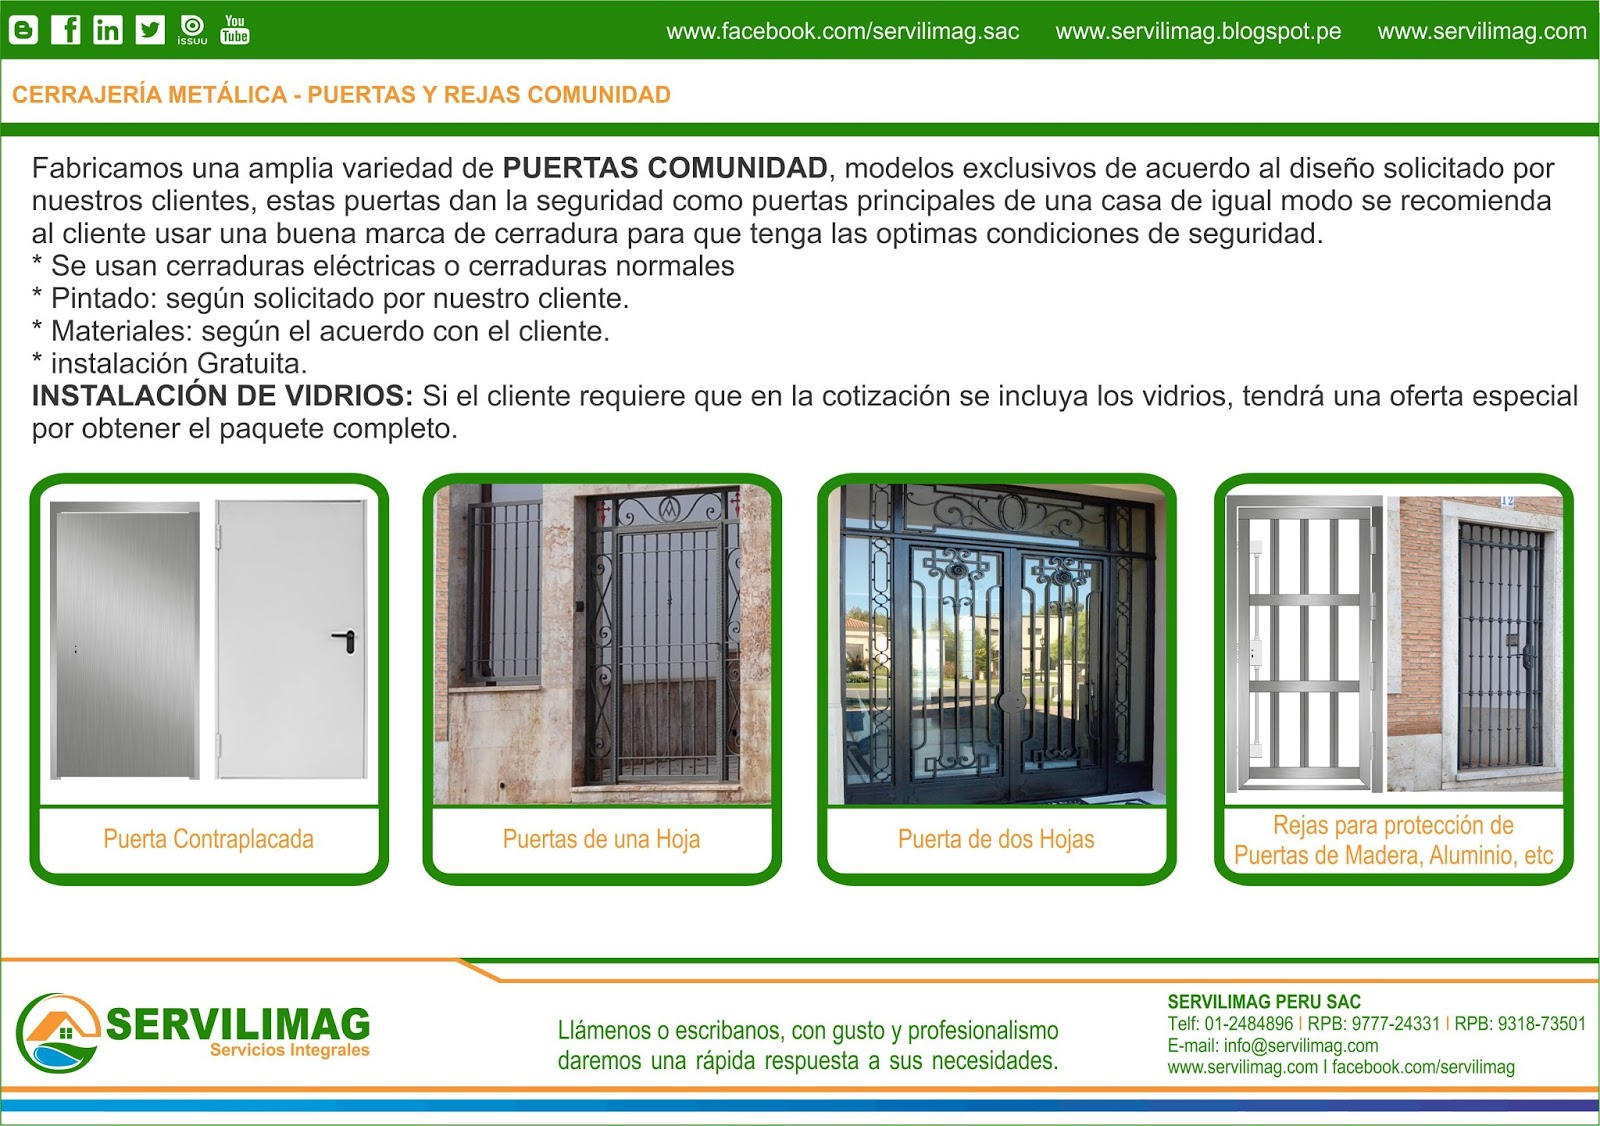 Servilimag servicios integrales carpinteria metalica y for Catalogo puertas metalicas